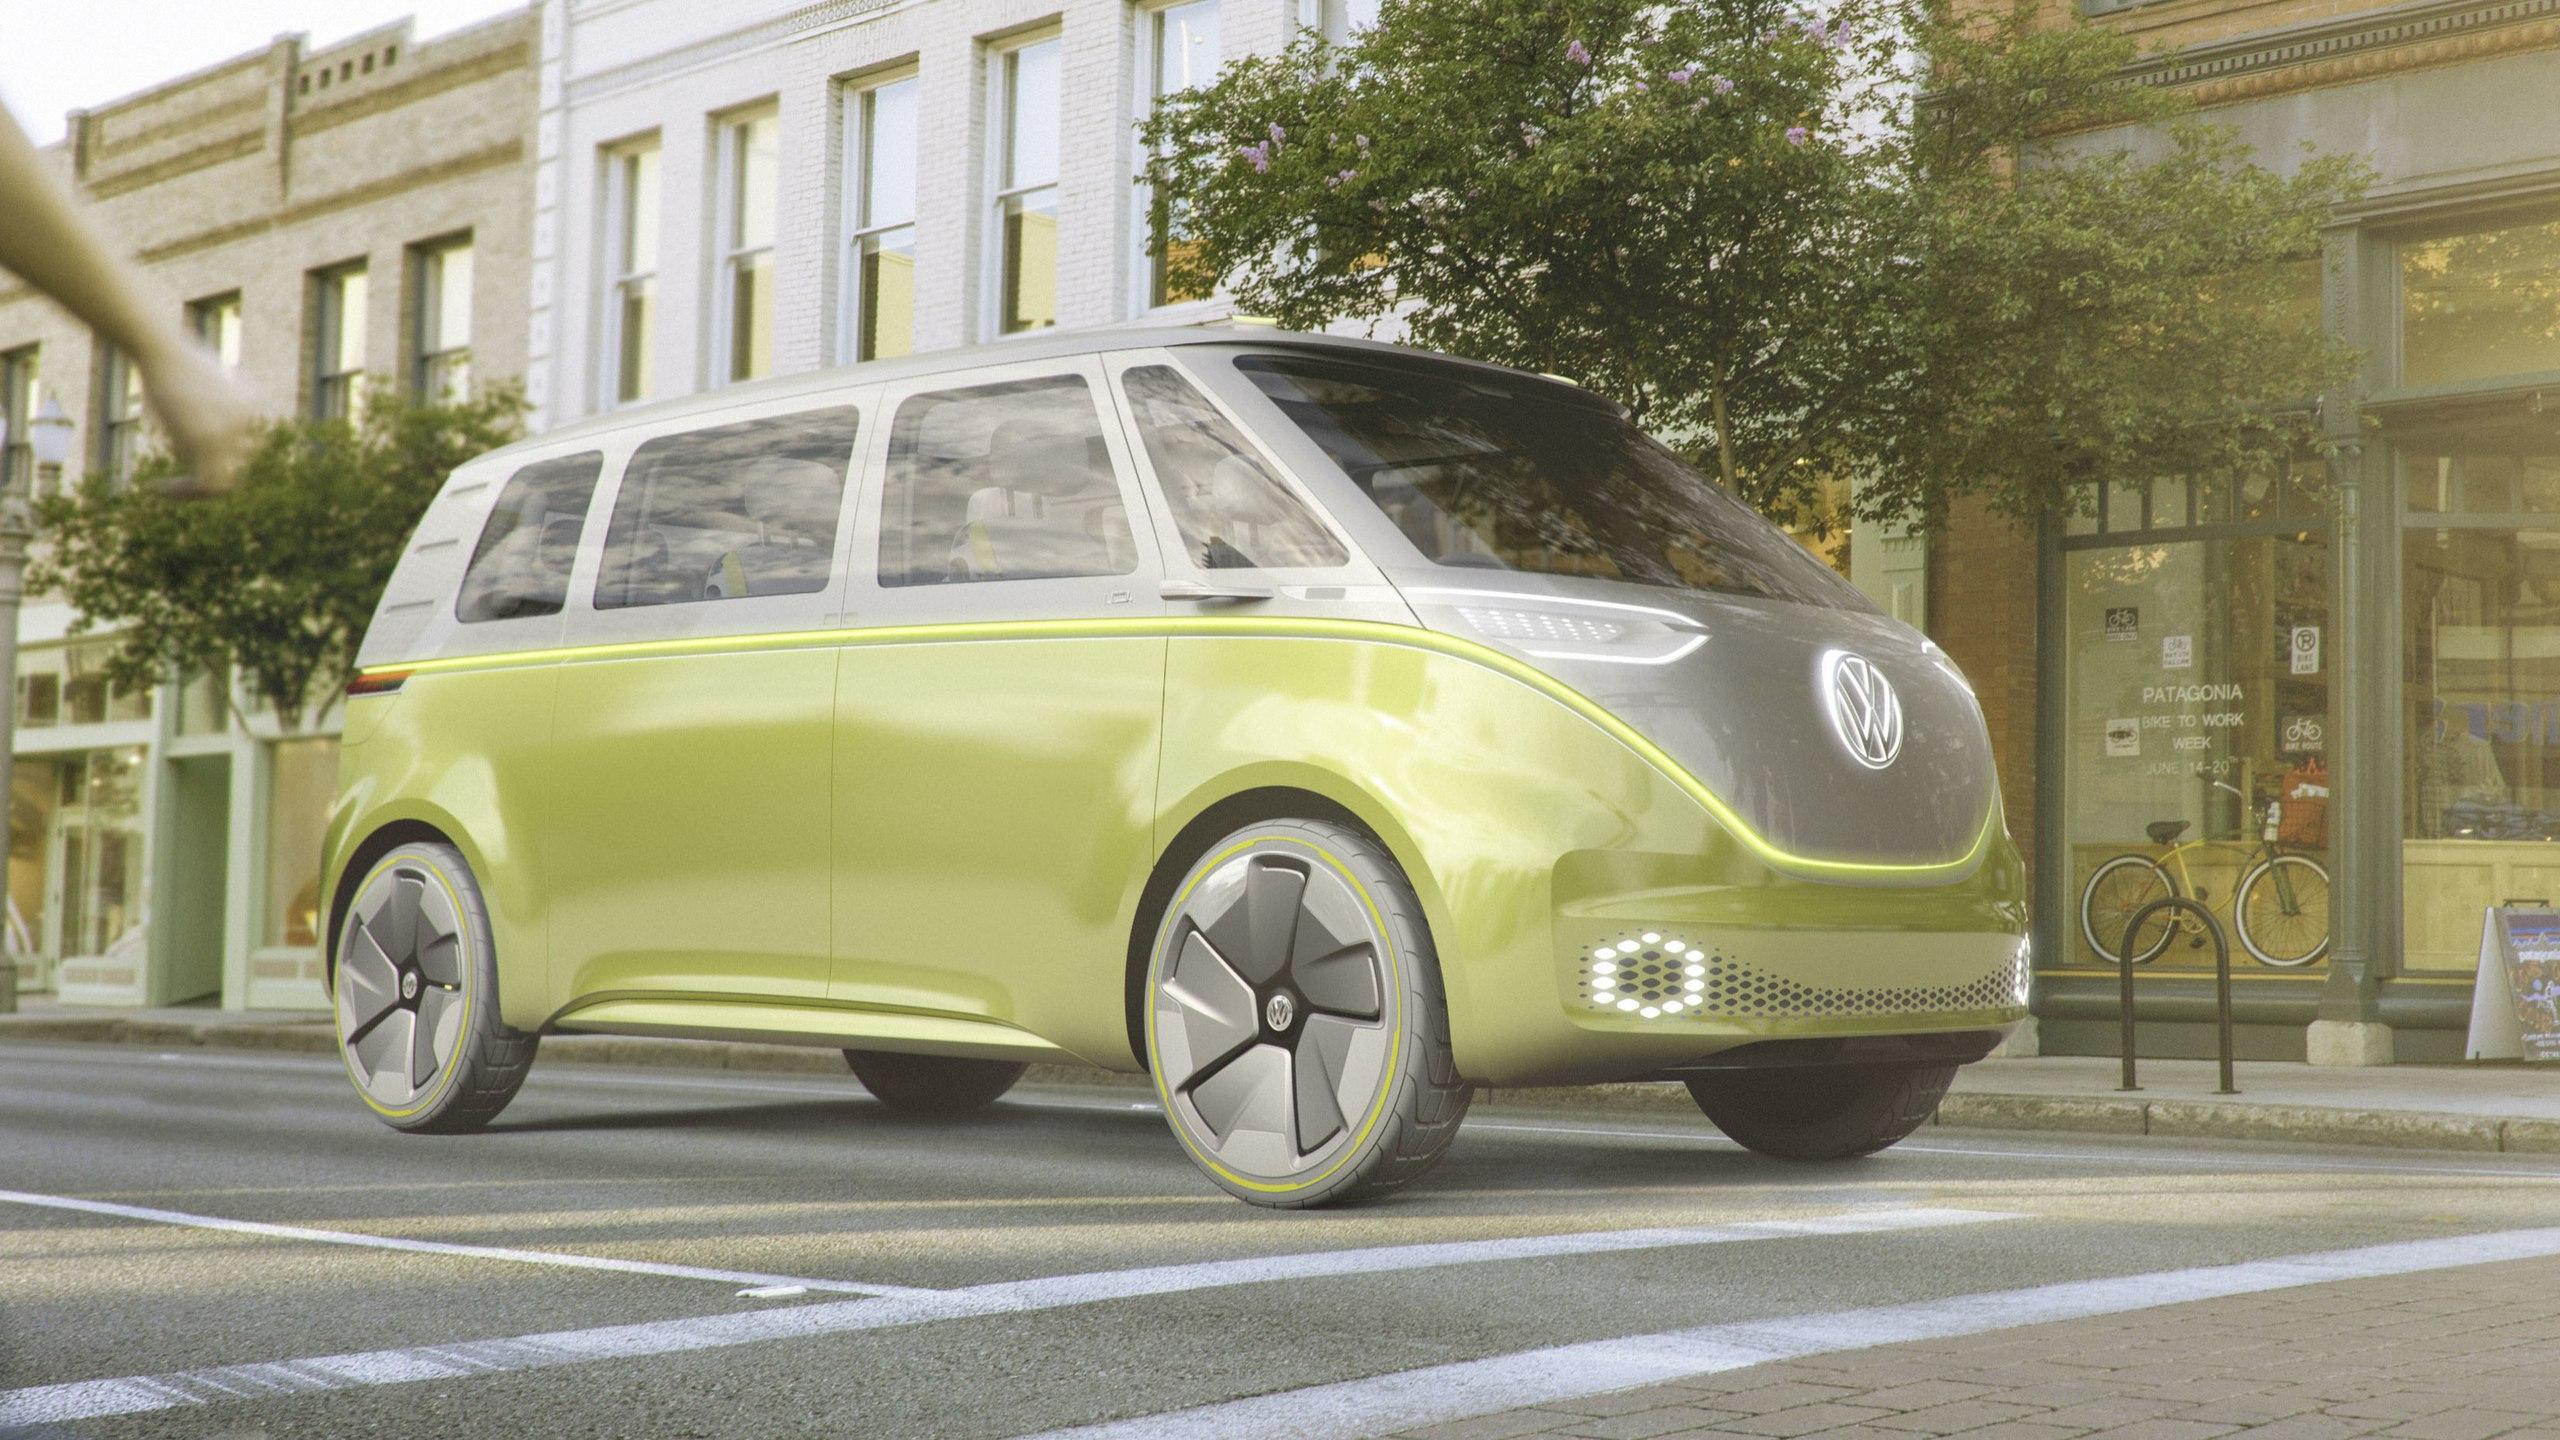 369 л.с. и полный привод: Volkswagen намекнул на новый минивэн